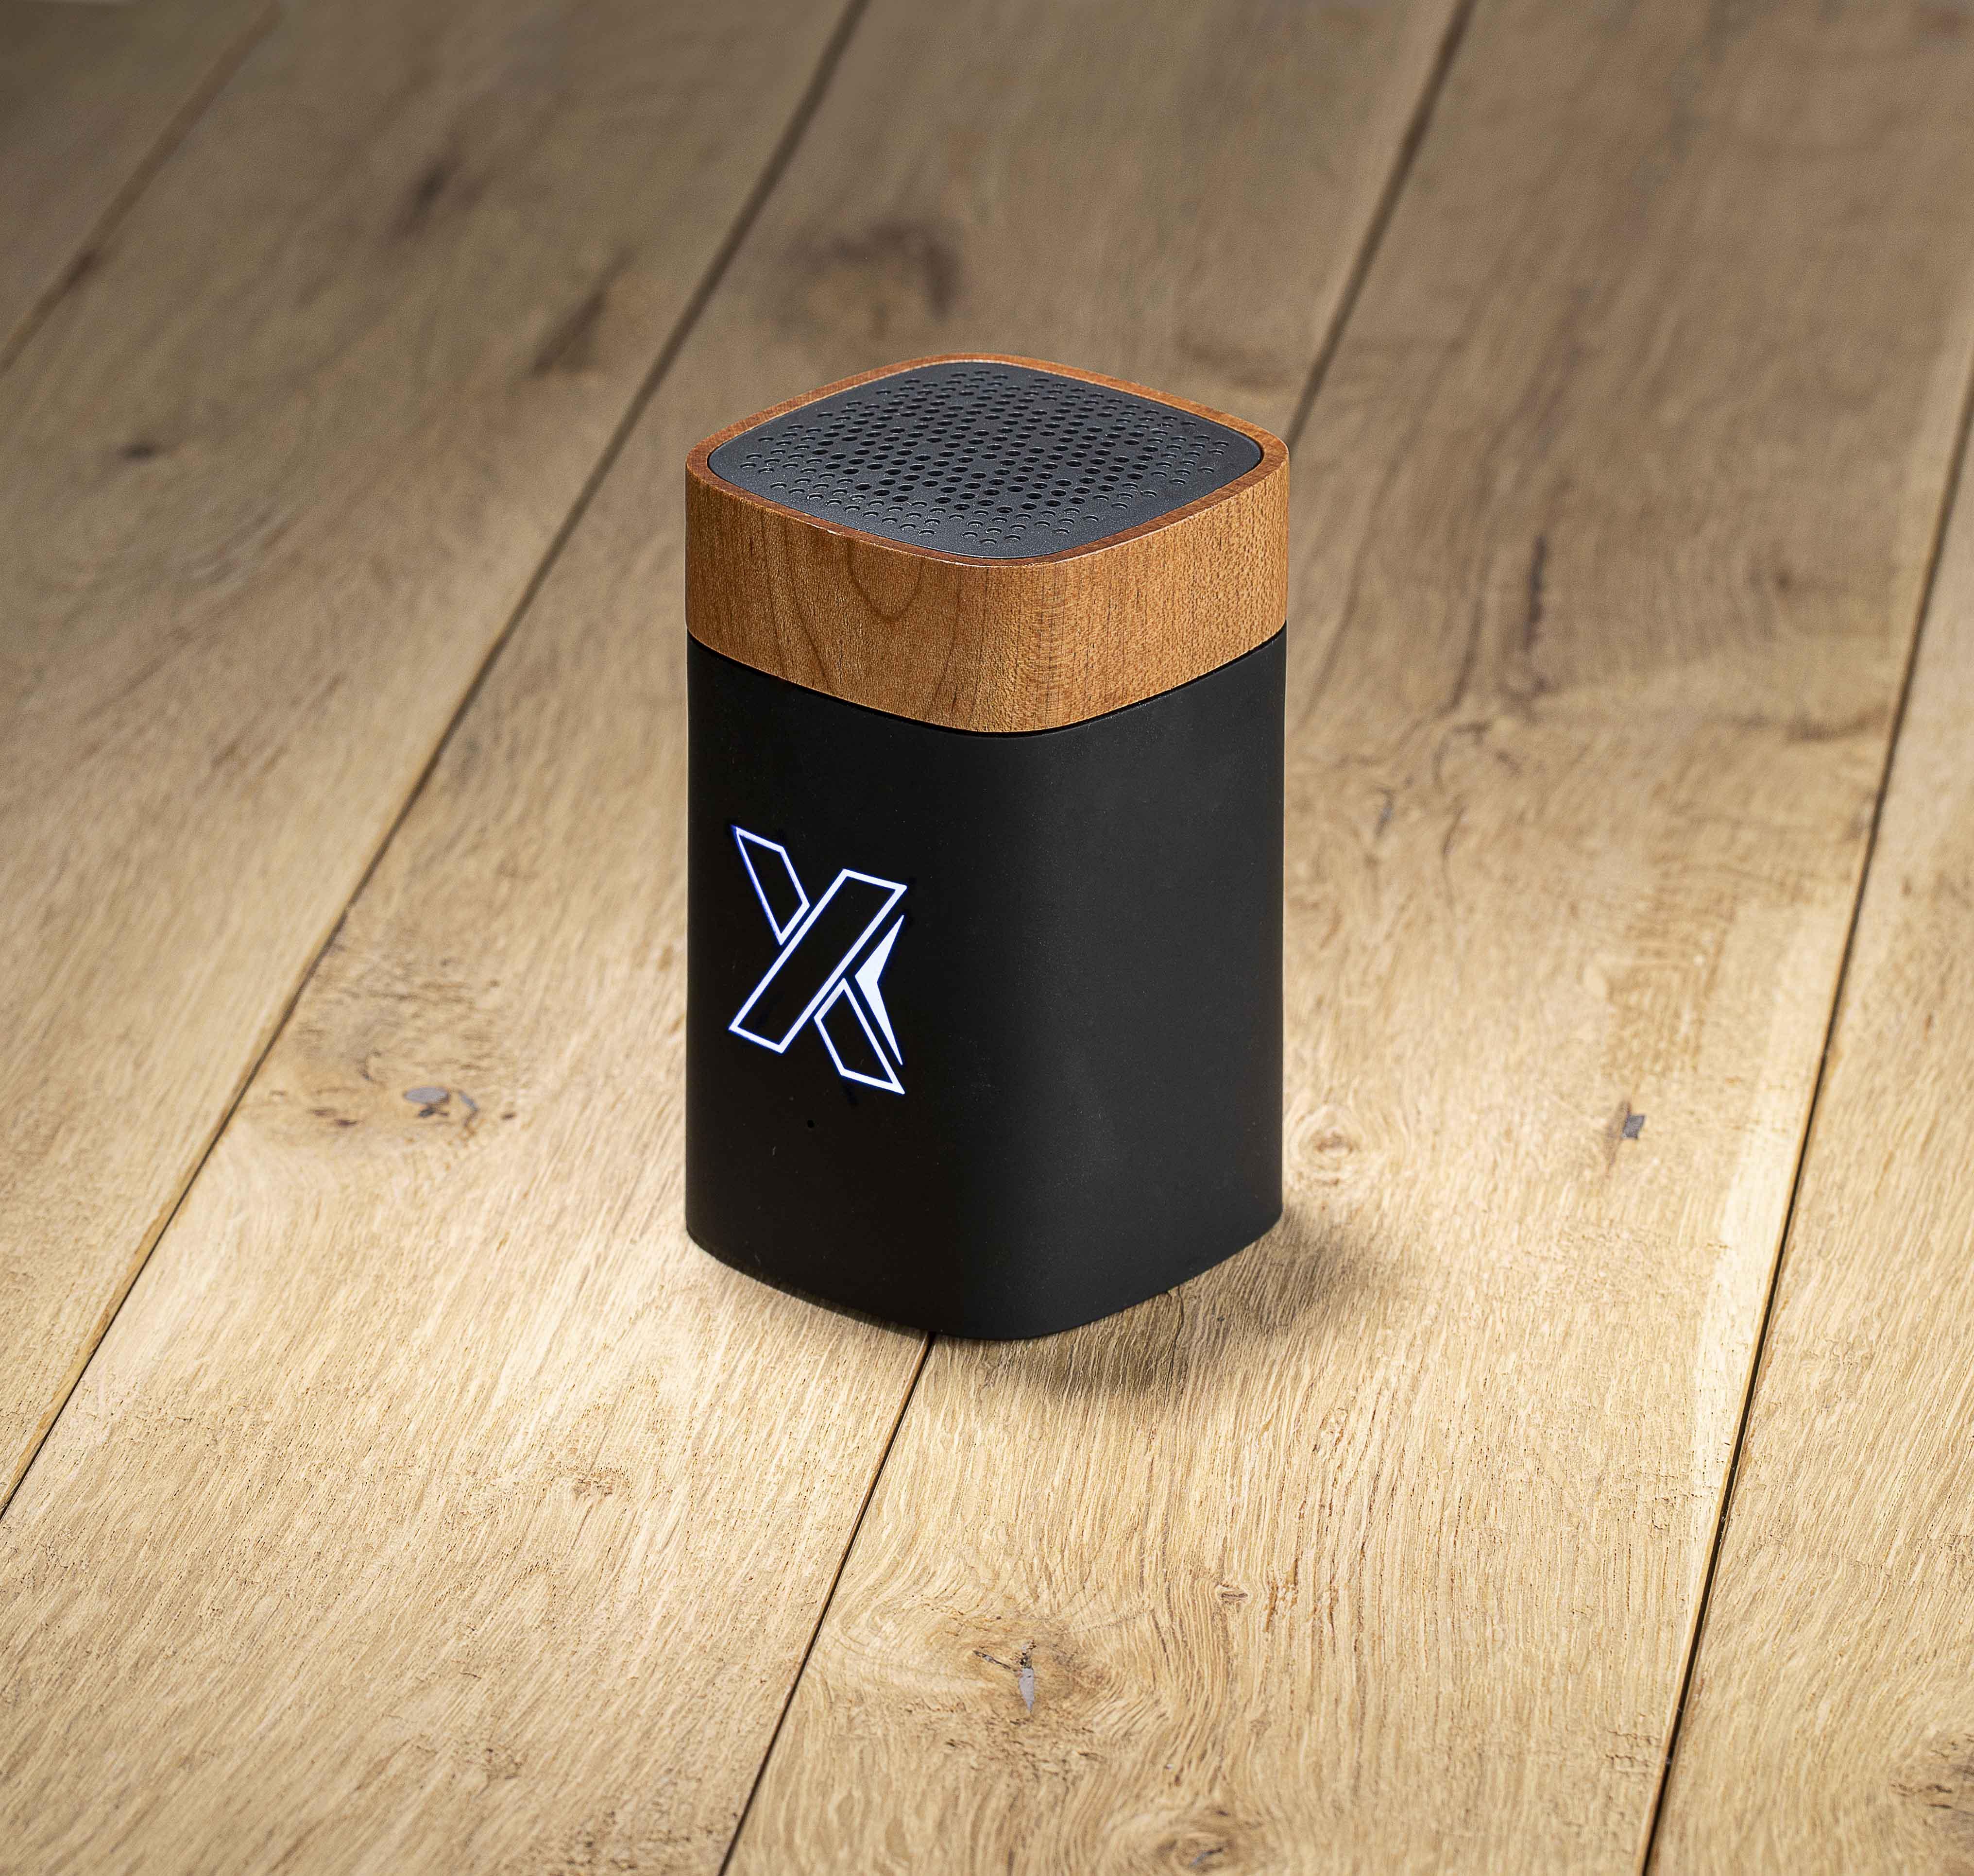 Enceinte rubber et bois